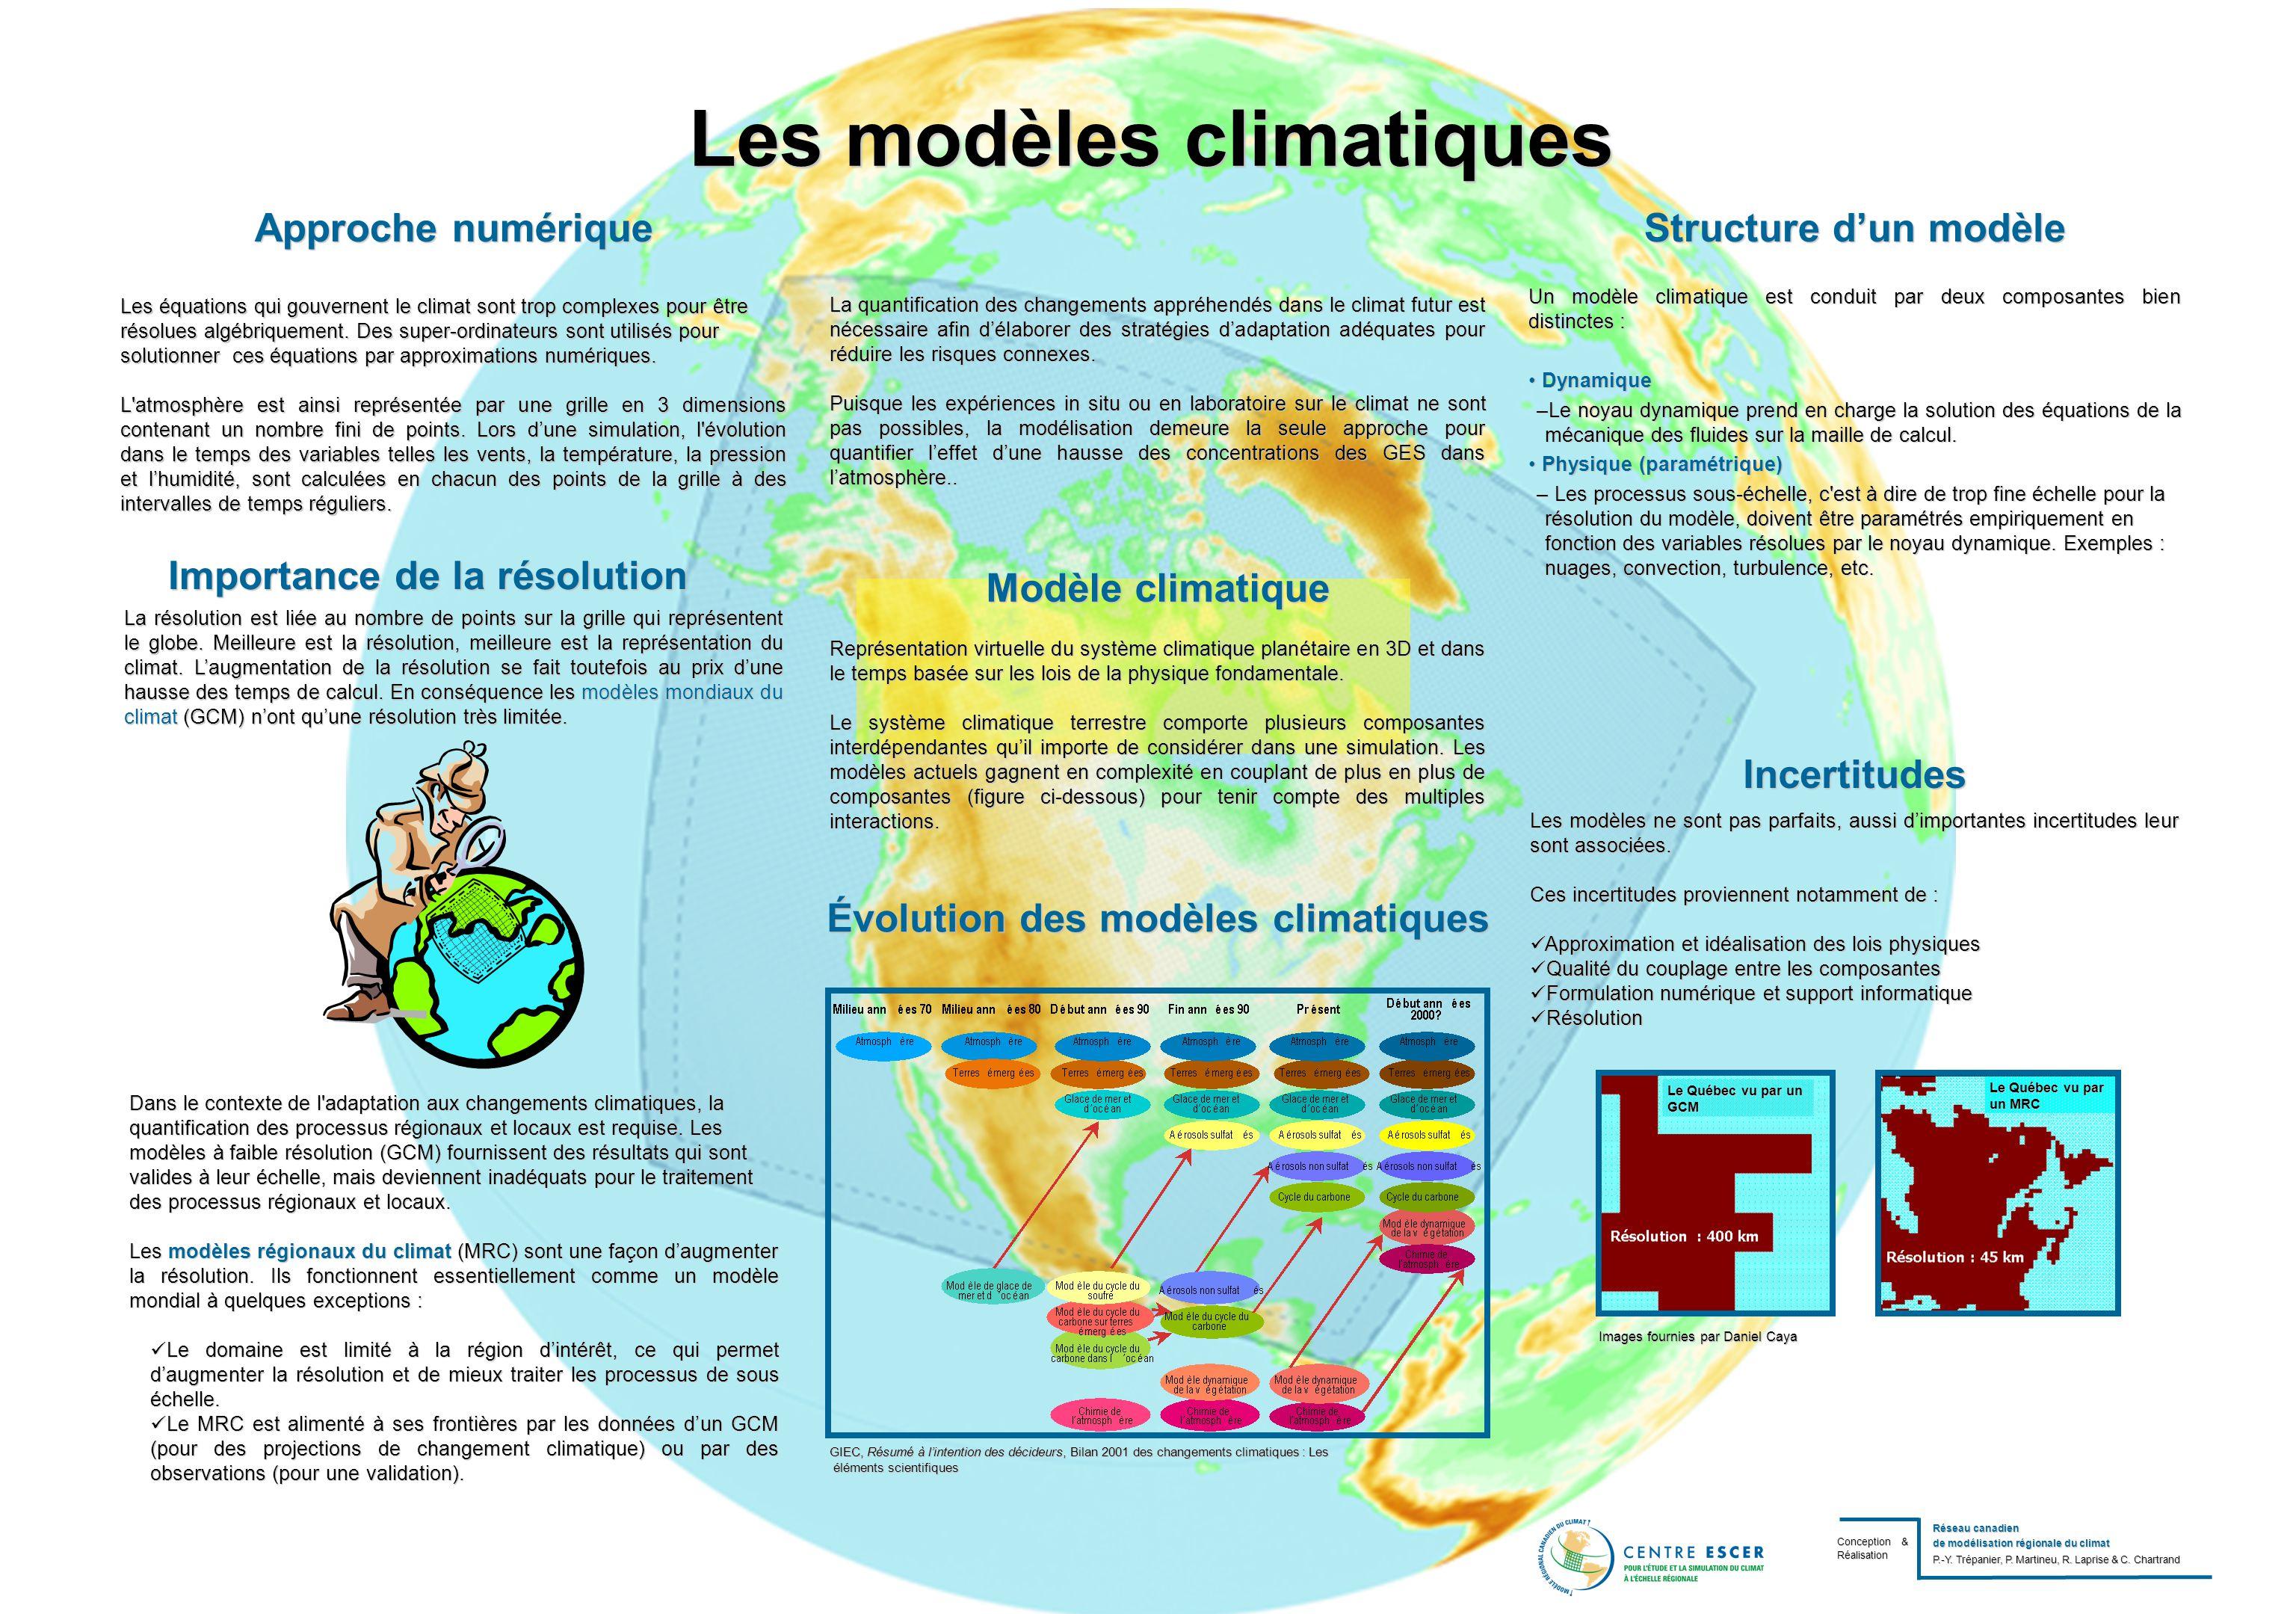 Les modèles climatiques Évolution des modèles climatiques